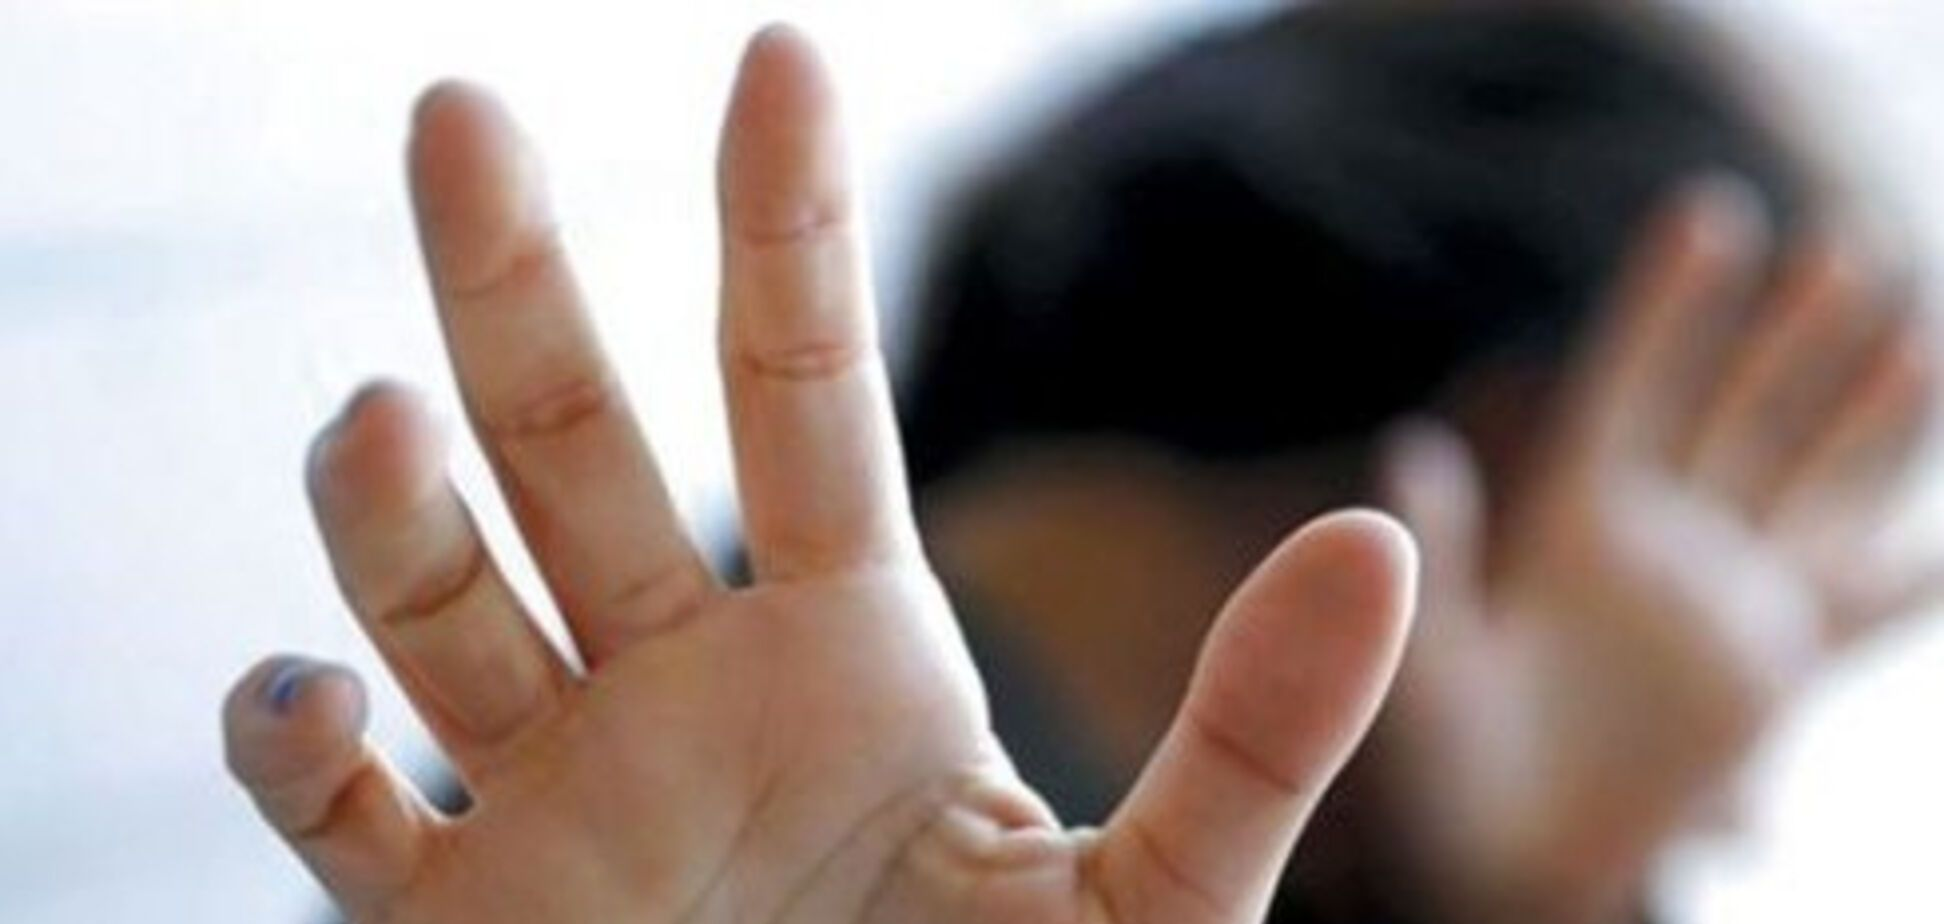 На Одещині підлітки підуть під суд за знущання над хлопчиком